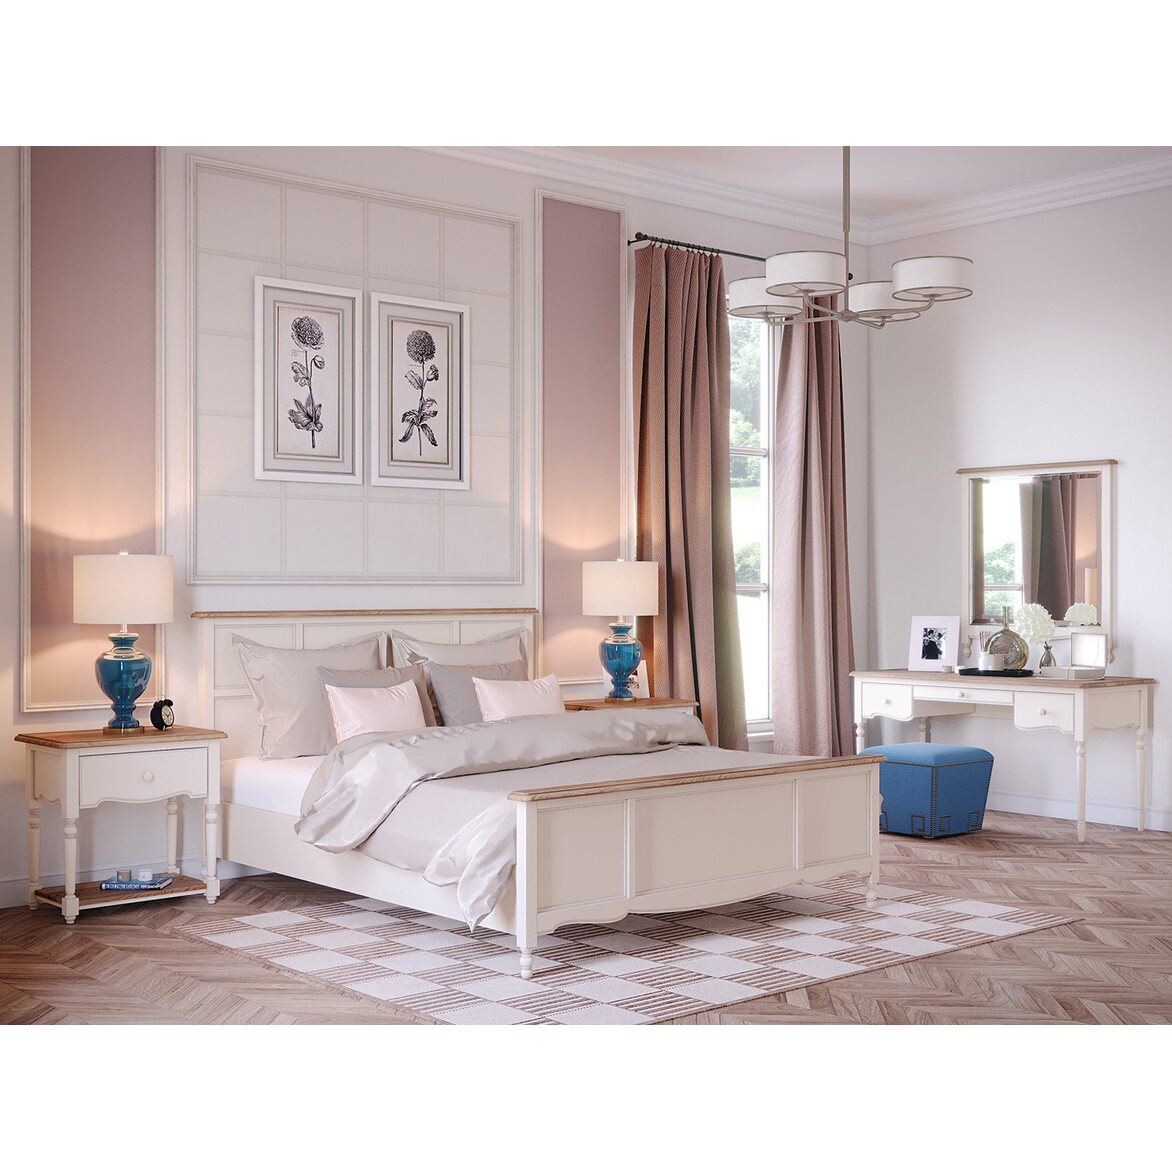 Кровать Leblanc, двуспальная, бежевая 5 | Двуспальные кровати Kingsby